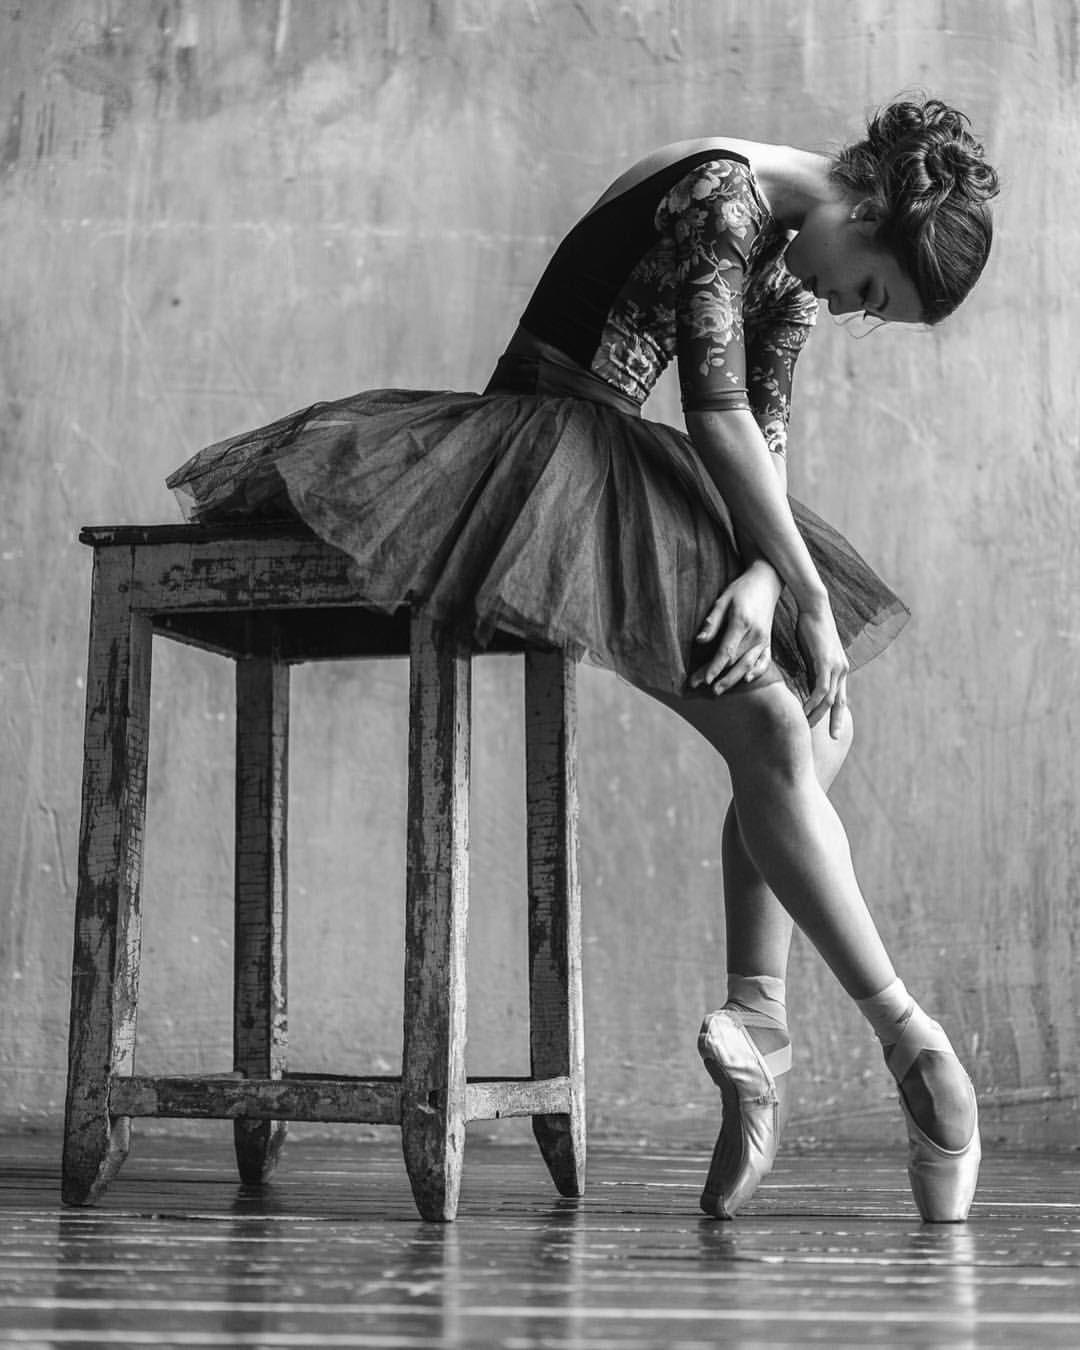 отличный игрок, балерина фотосессия идеи есть что-то помимо